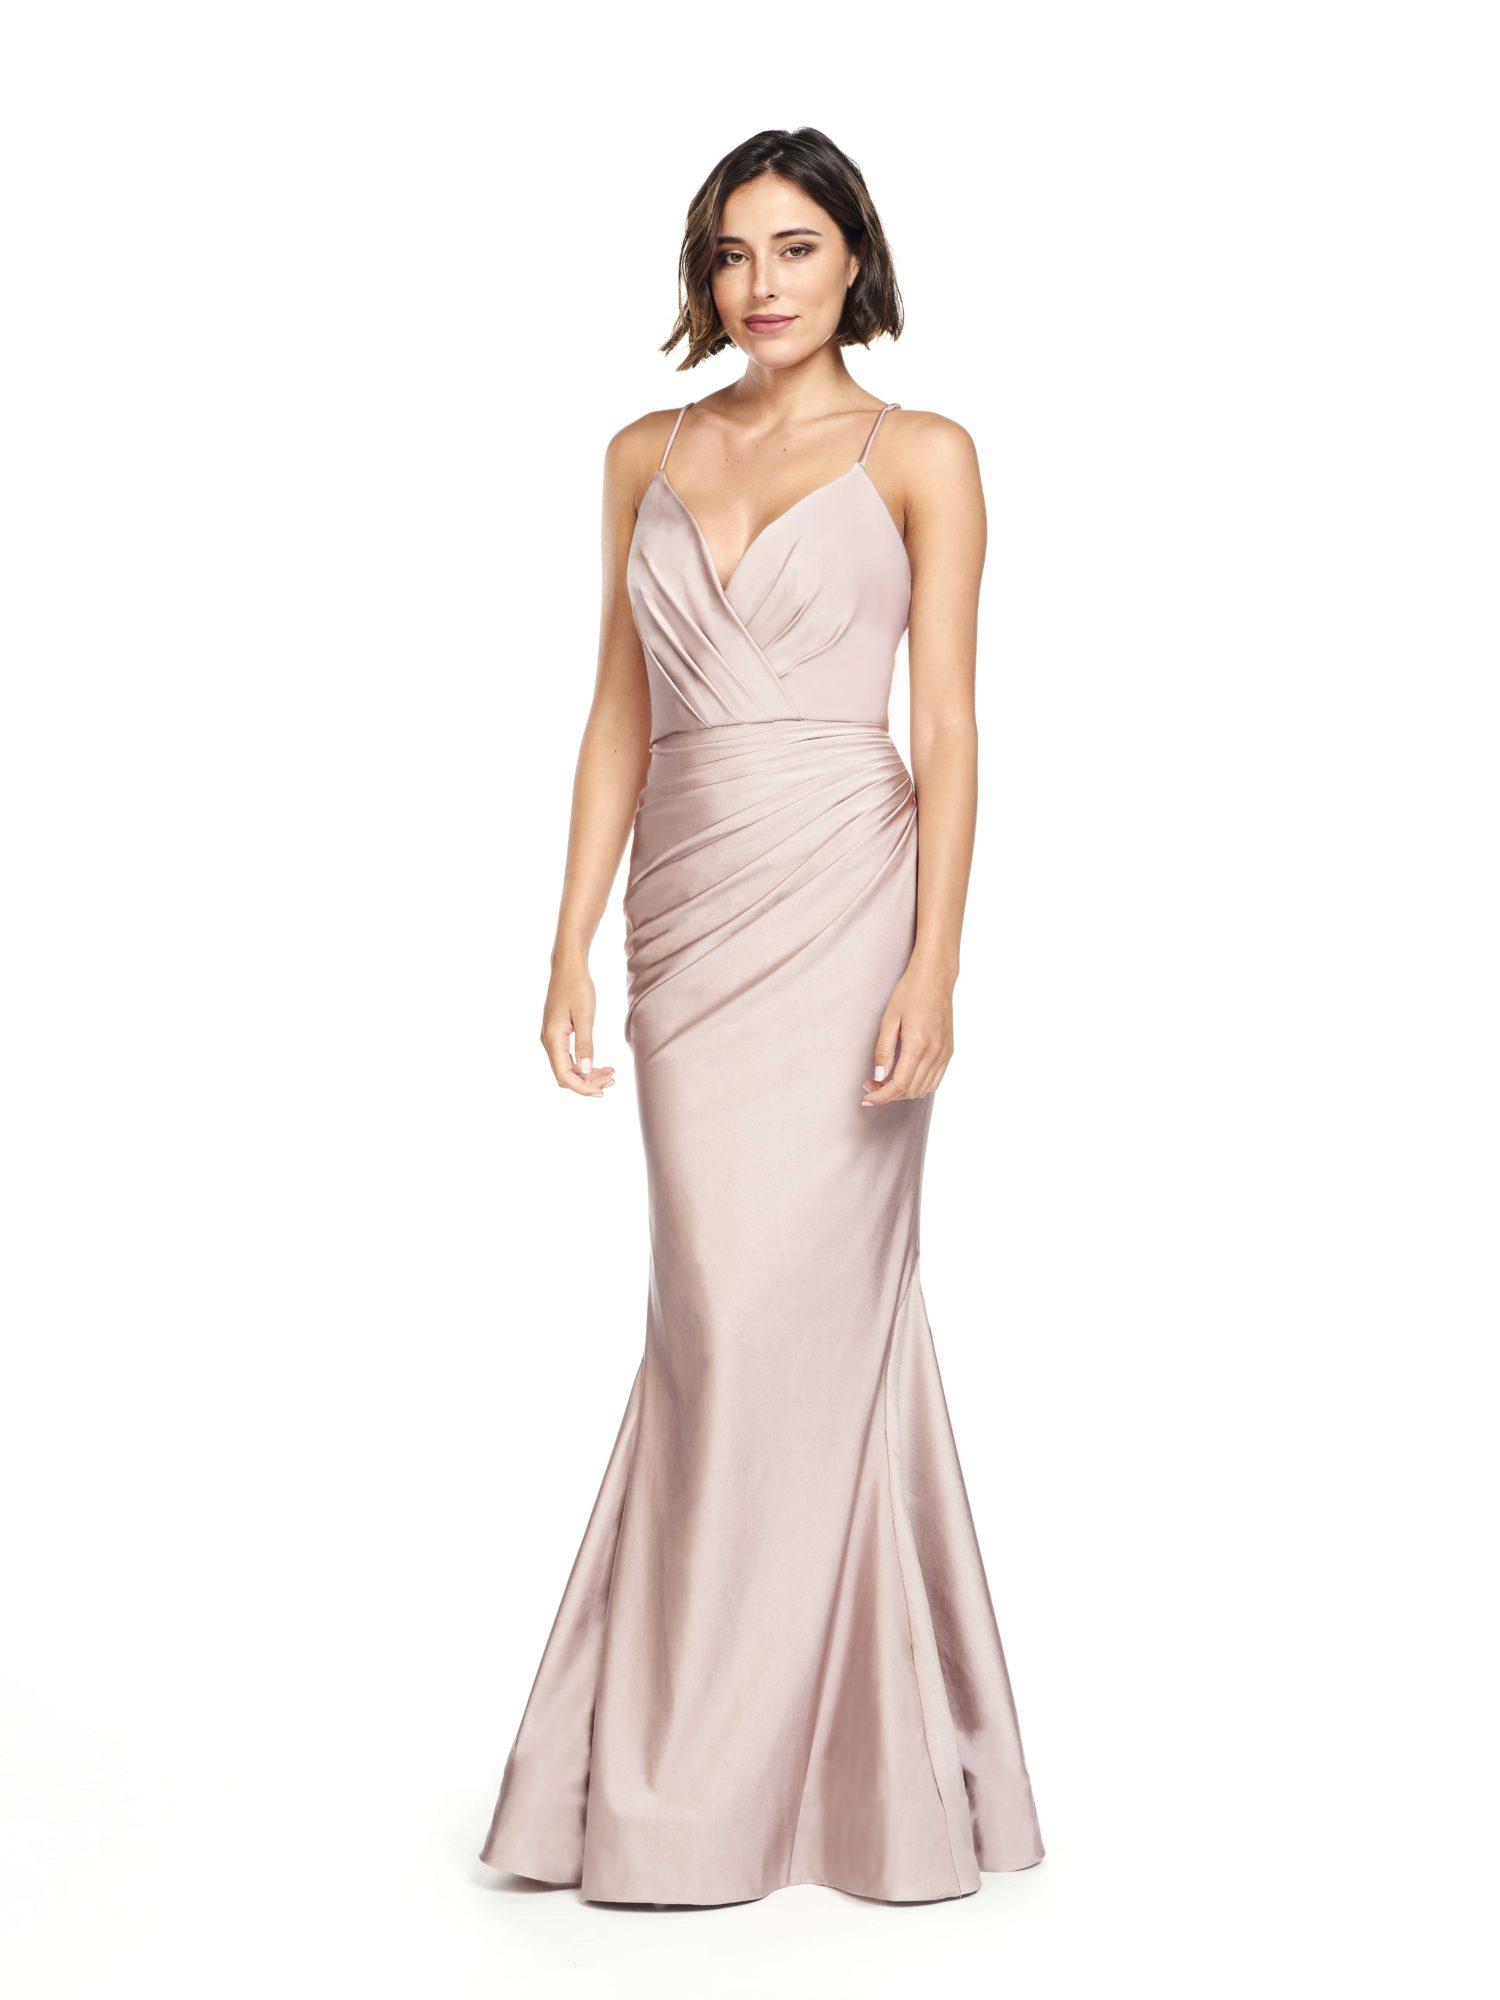 Bari Jay Bridesmaid Dress Collection